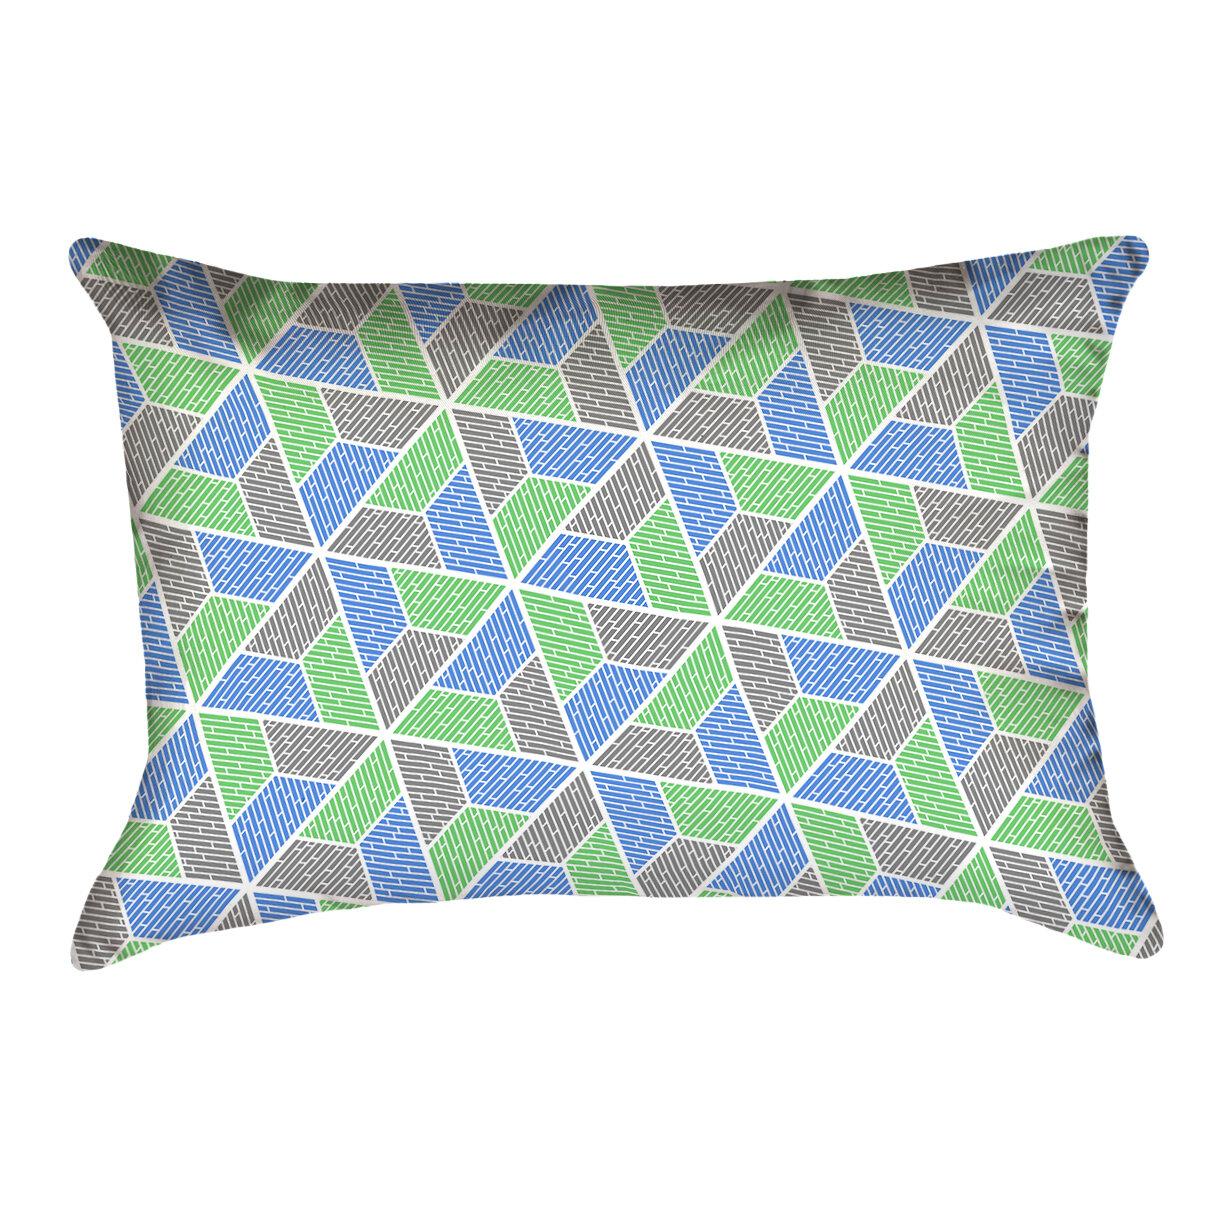 Latitude Run Avicia Lumbar Pillow Wayfair